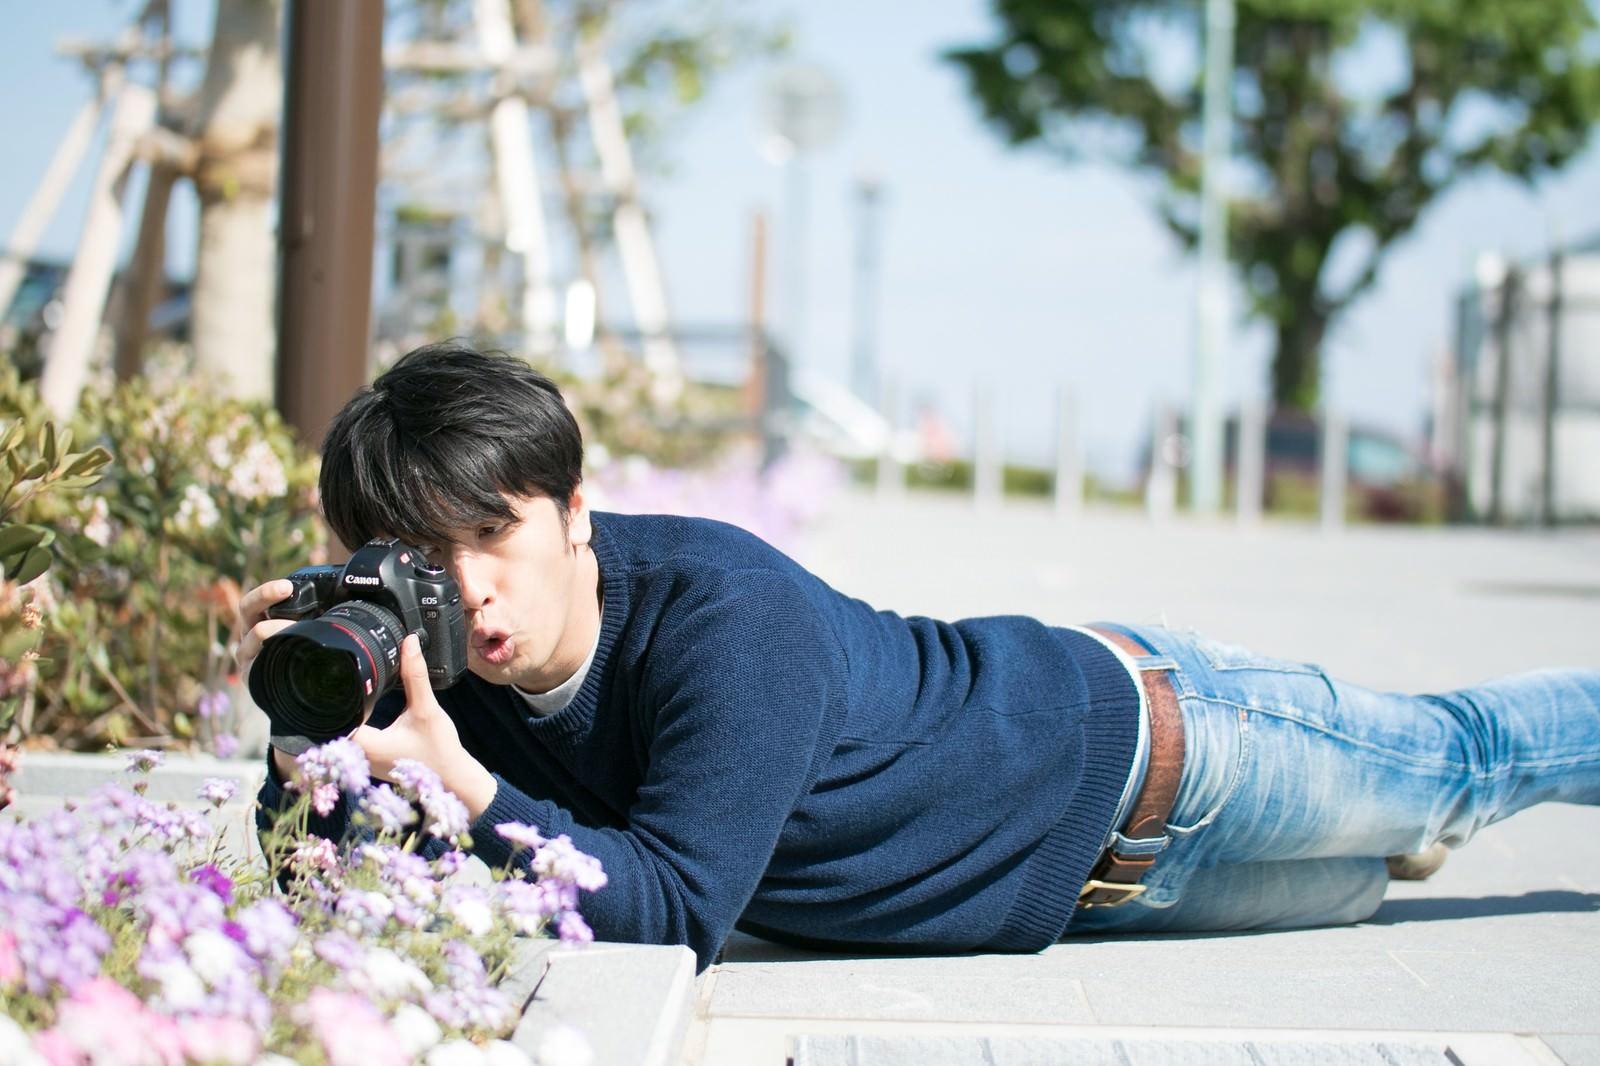 「無意識のうちにほふく前進をするアマチュアカメラマン」の写真